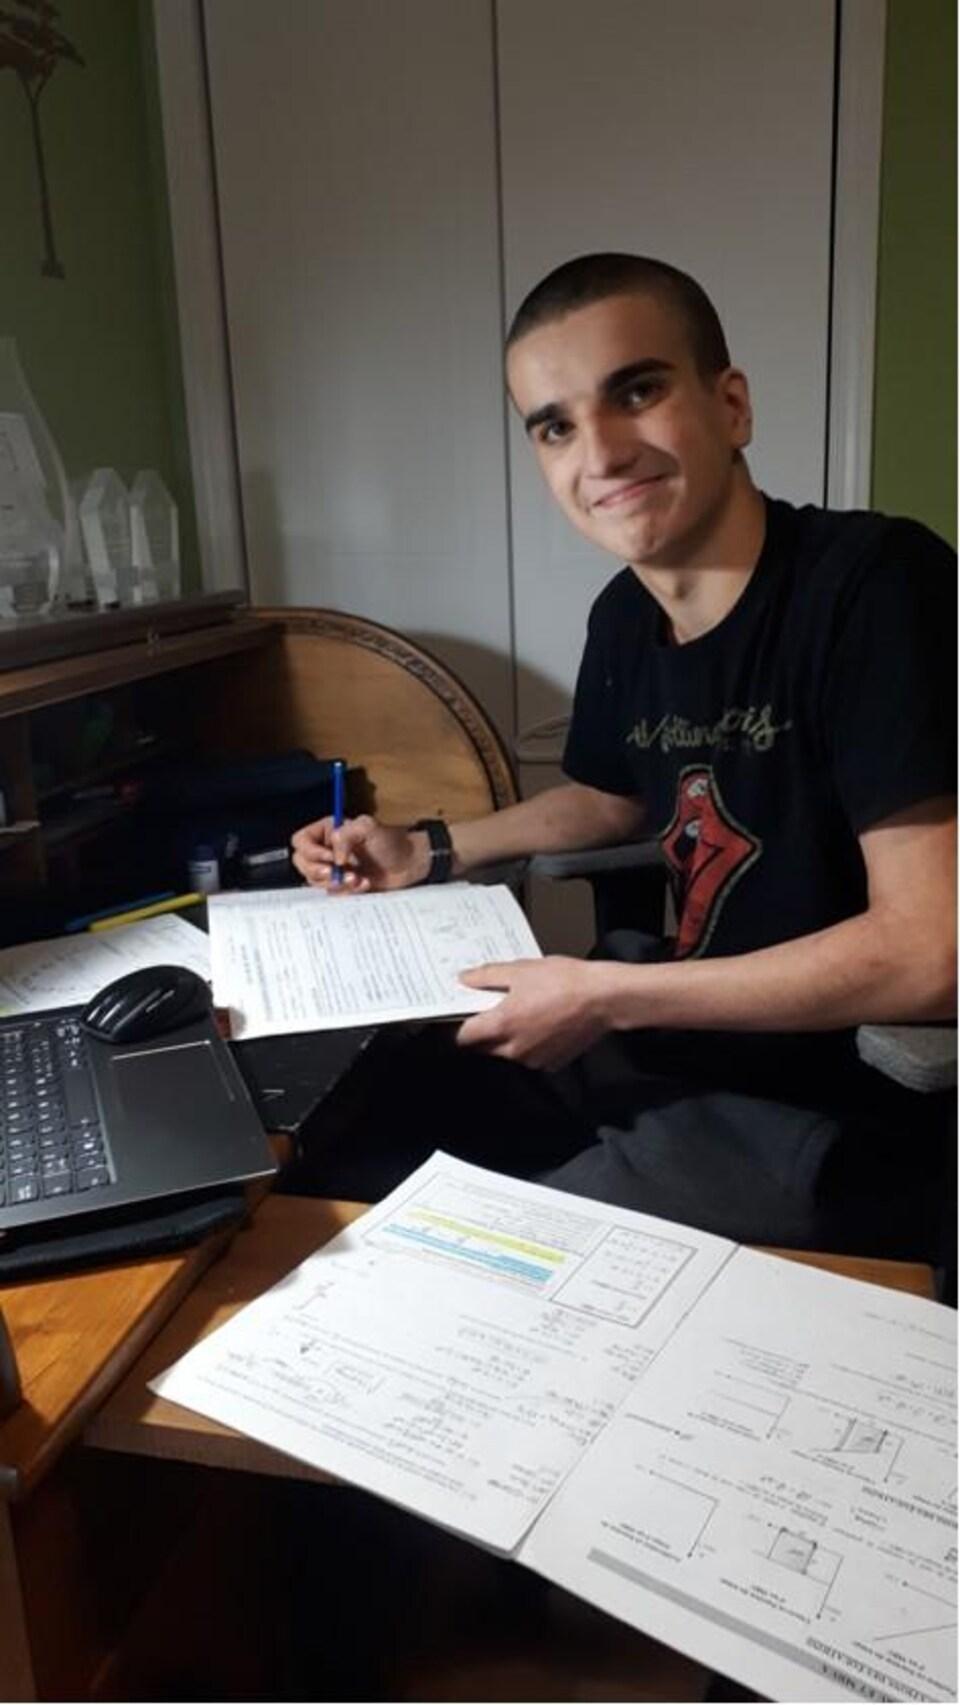 Le jeune homme est devant l'ordi avec ses devoirs.